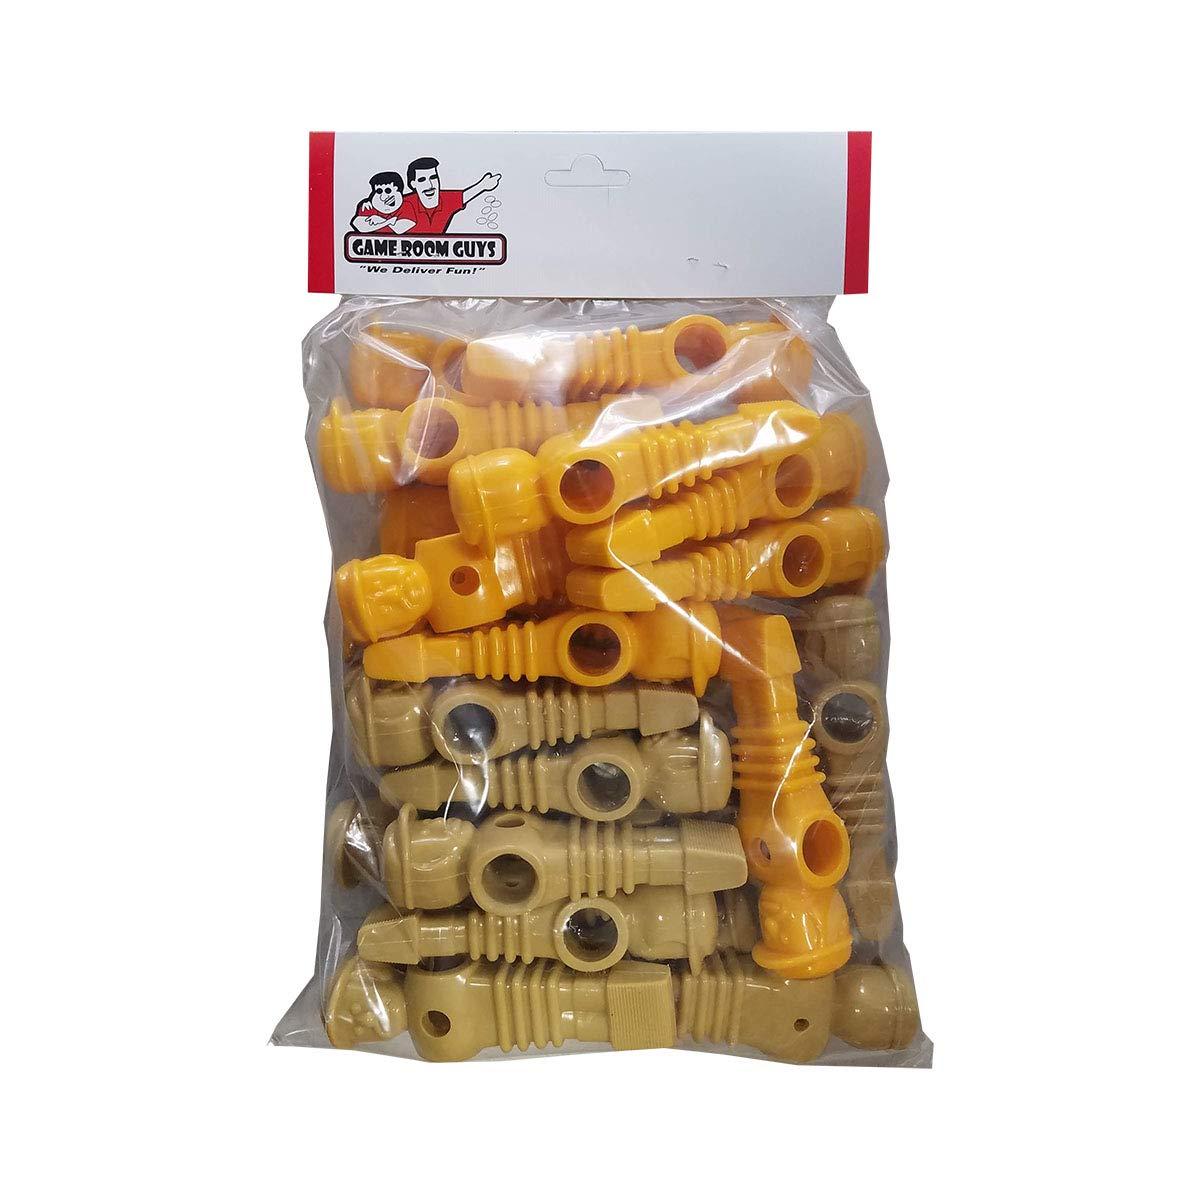 26 Yellow/Tan Imperial Replacement Foosball Men B01M72DQ8T